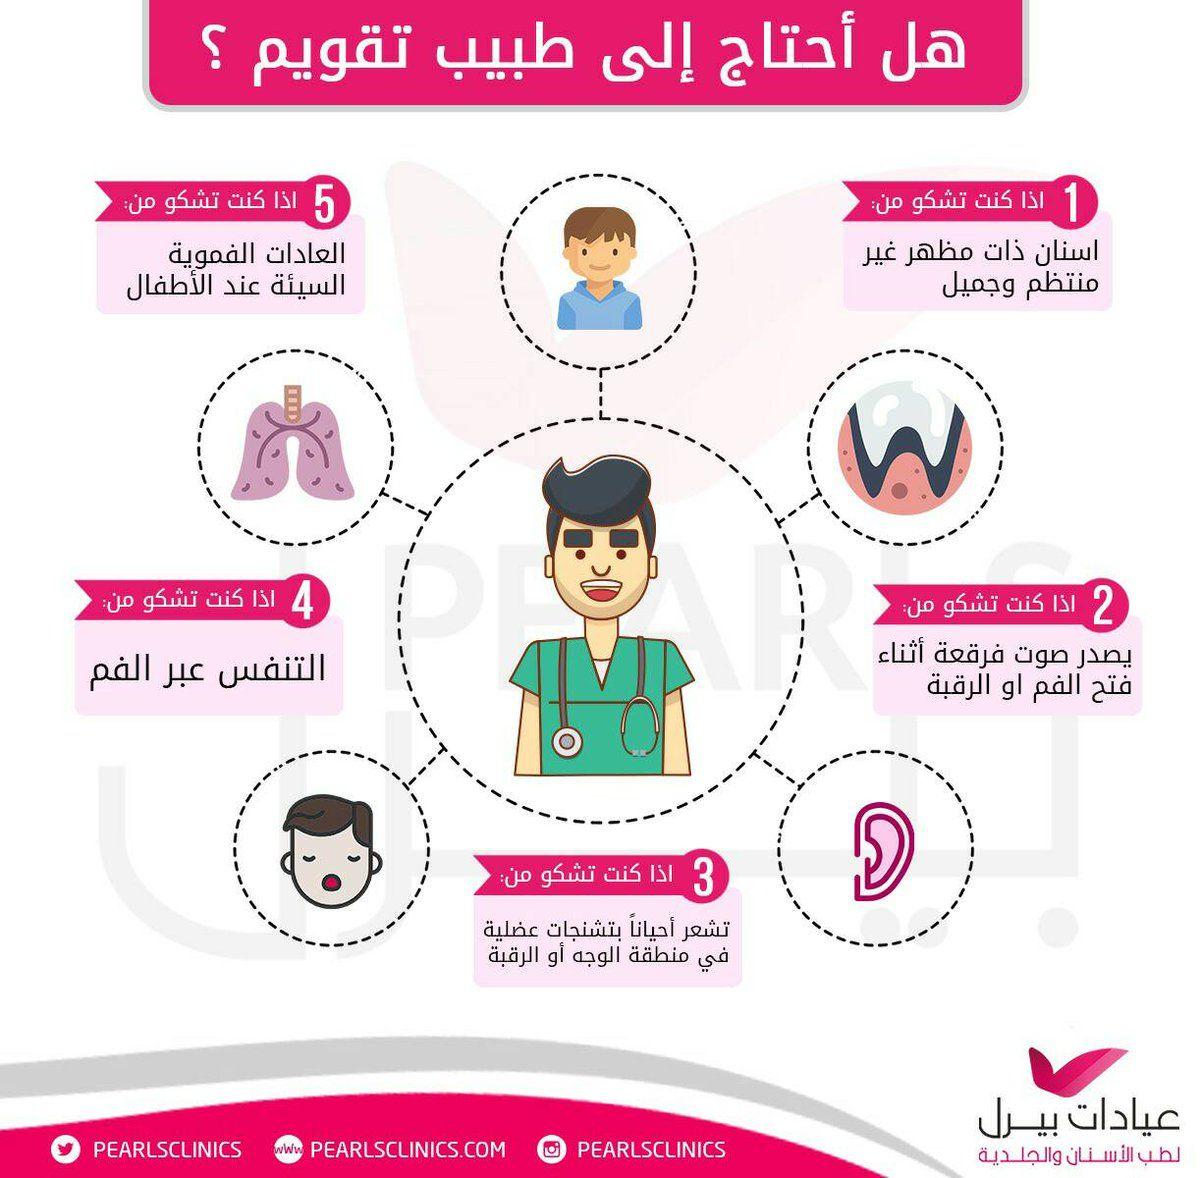 هل احتاج الي تقويم الاسنان مجمع عيادات بيرل اسنان جلدية ليزر الرياض الازدهار 0112632424 المونسيه 0544229299 Dentistry Teeth